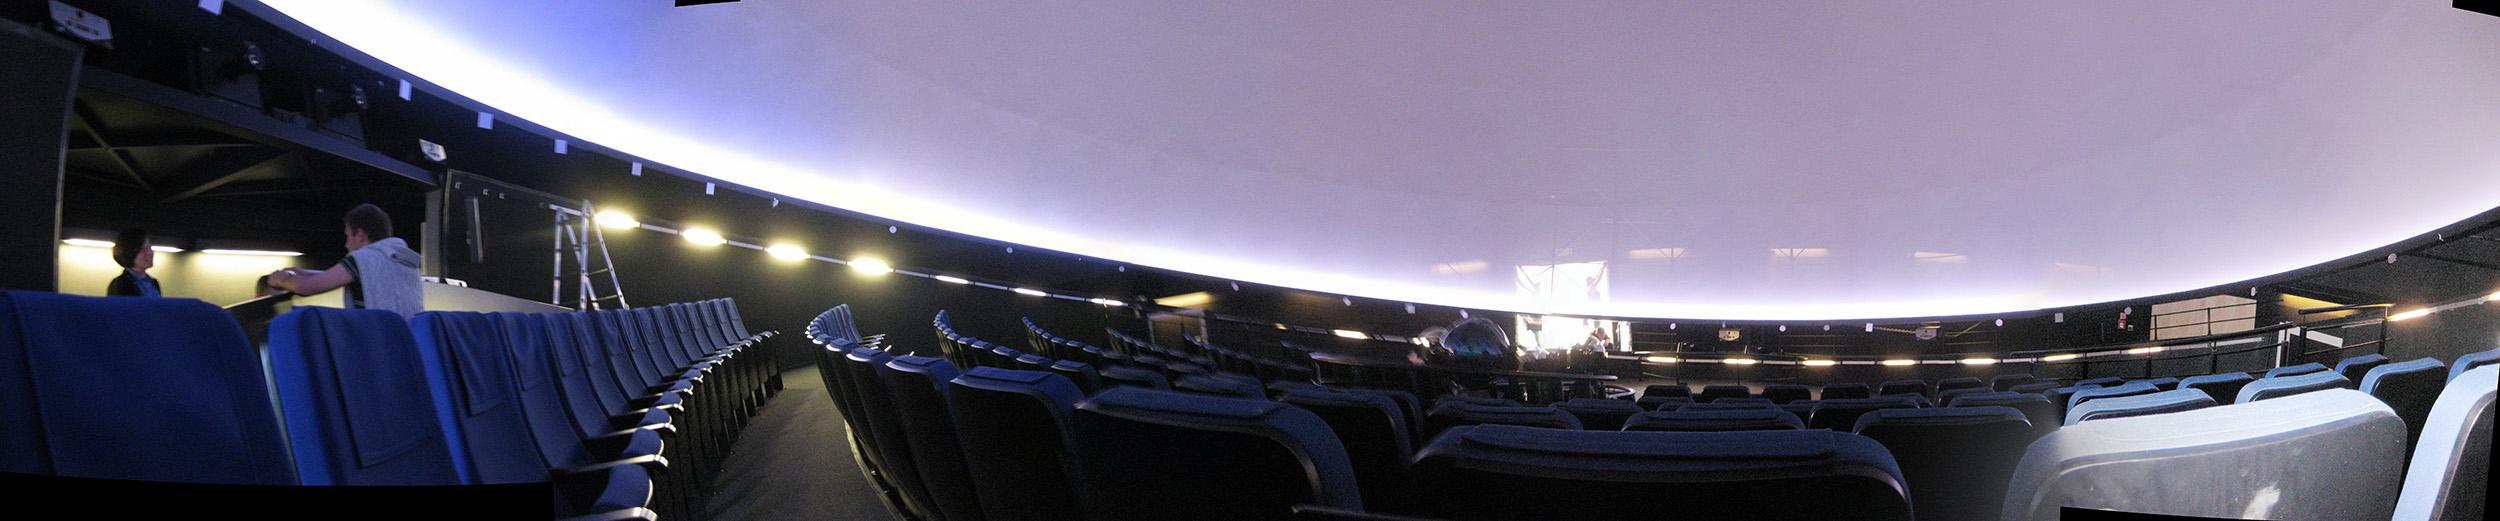 Interior of Copernicus planetarium, Warsaw